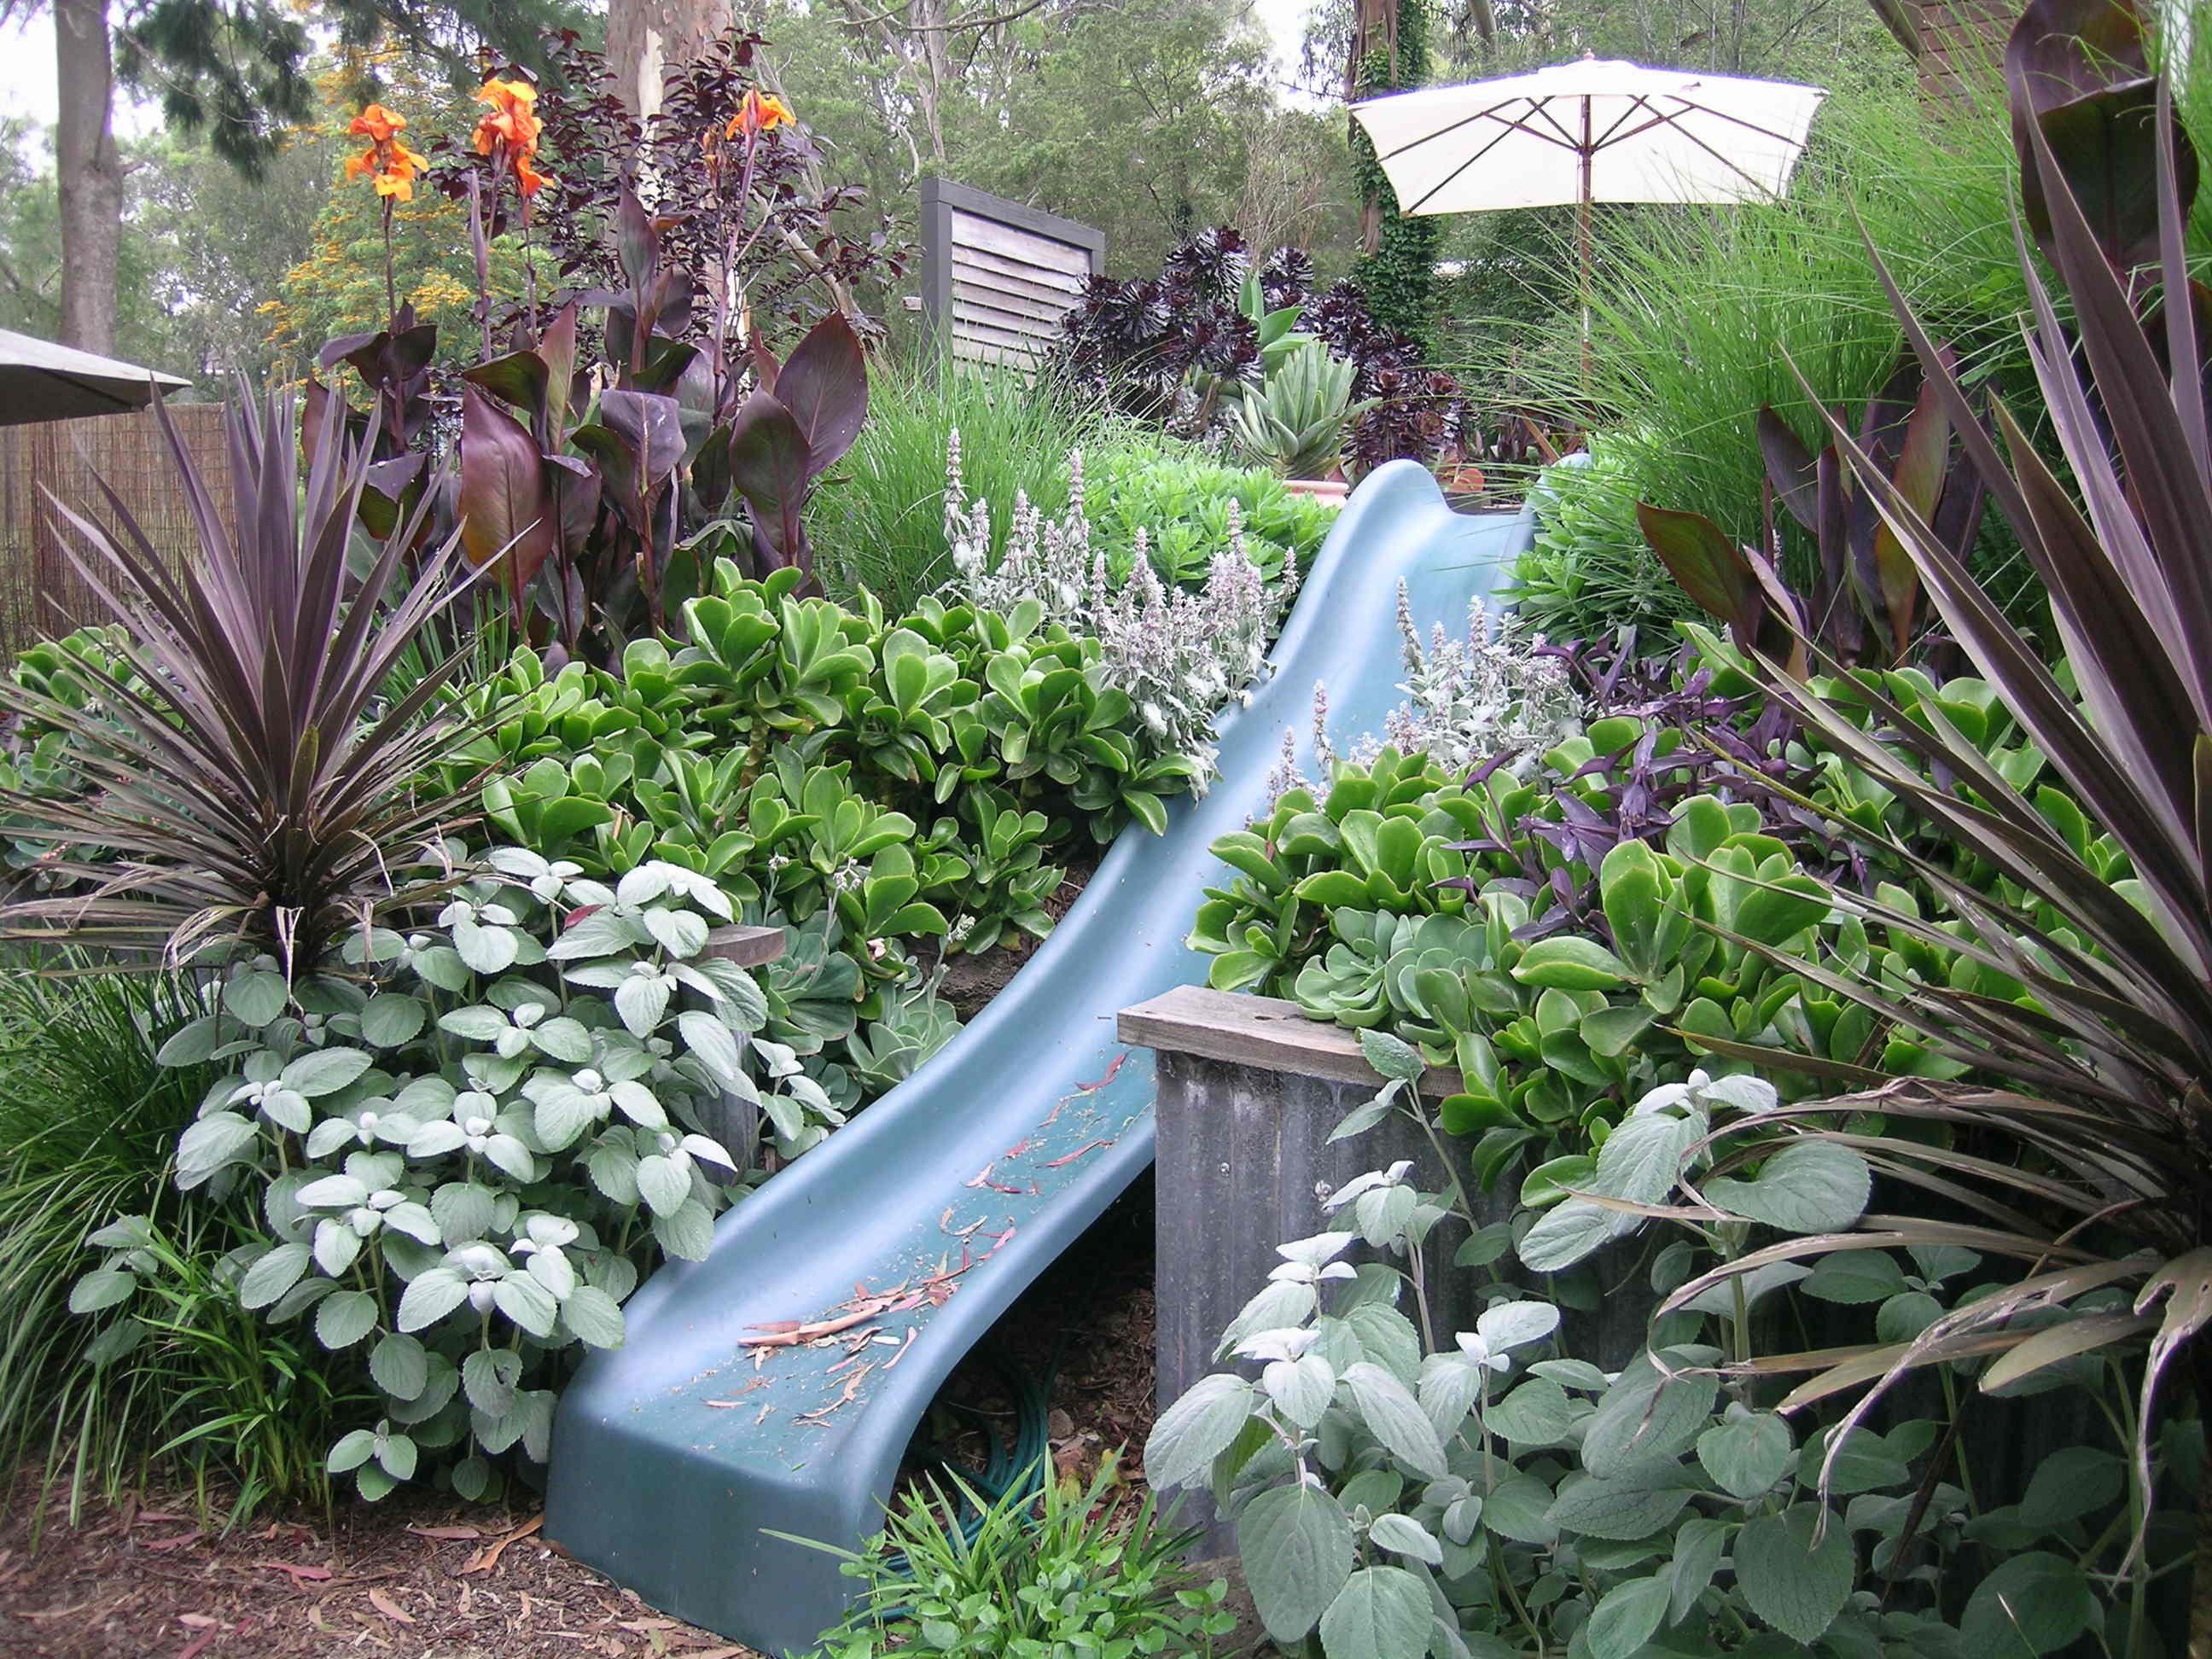 Rutsche Eingebettet In Blumenbeet Kinder Kinderrutsche Garten